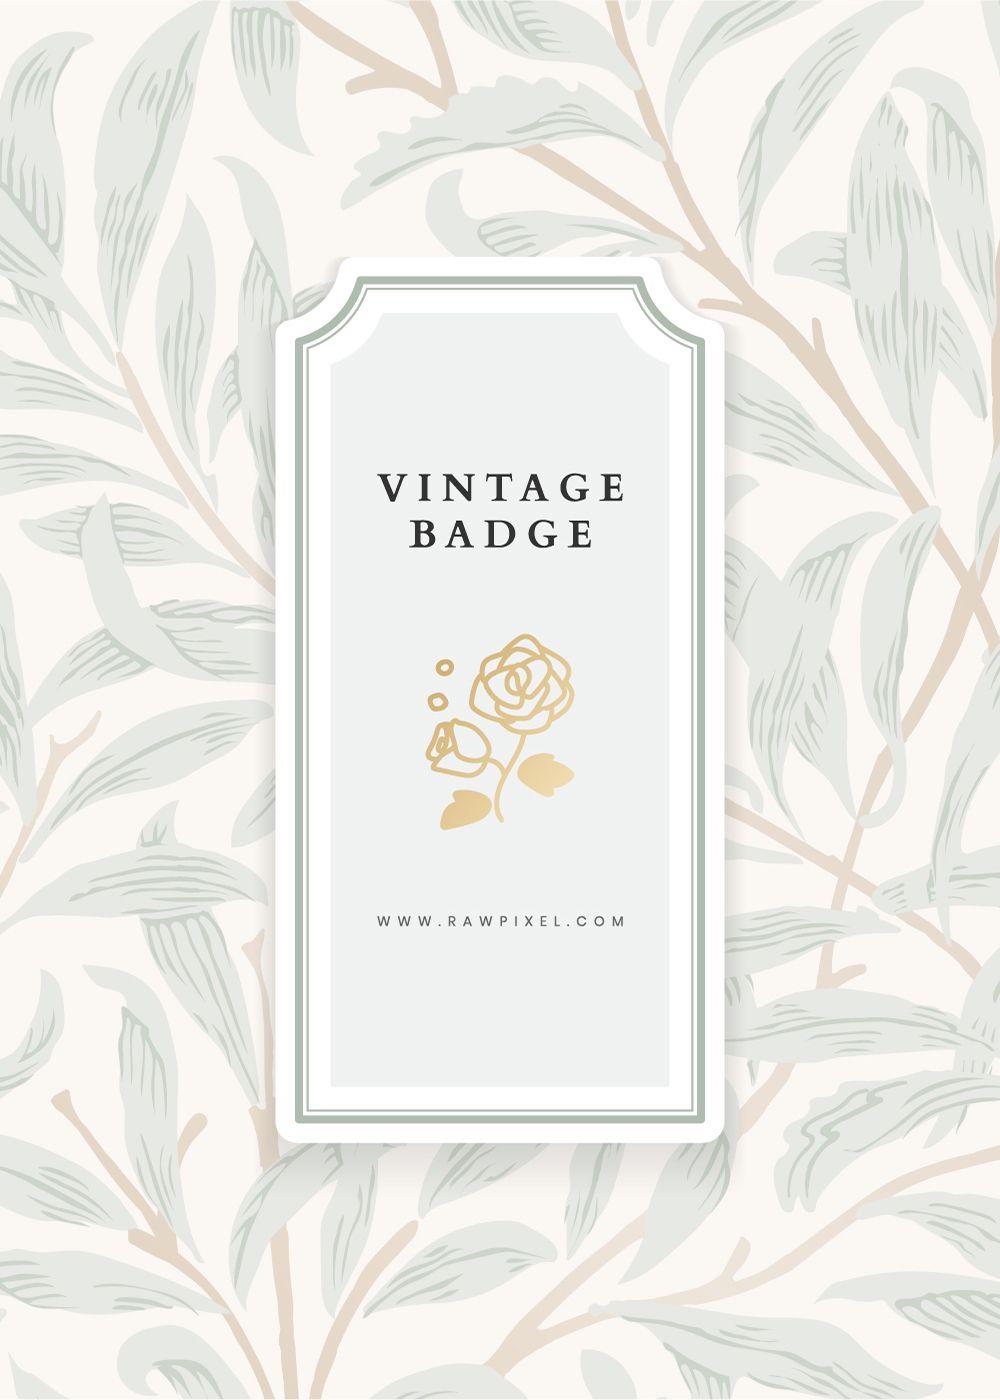 Download premium vector of Vintage natural patterned logo